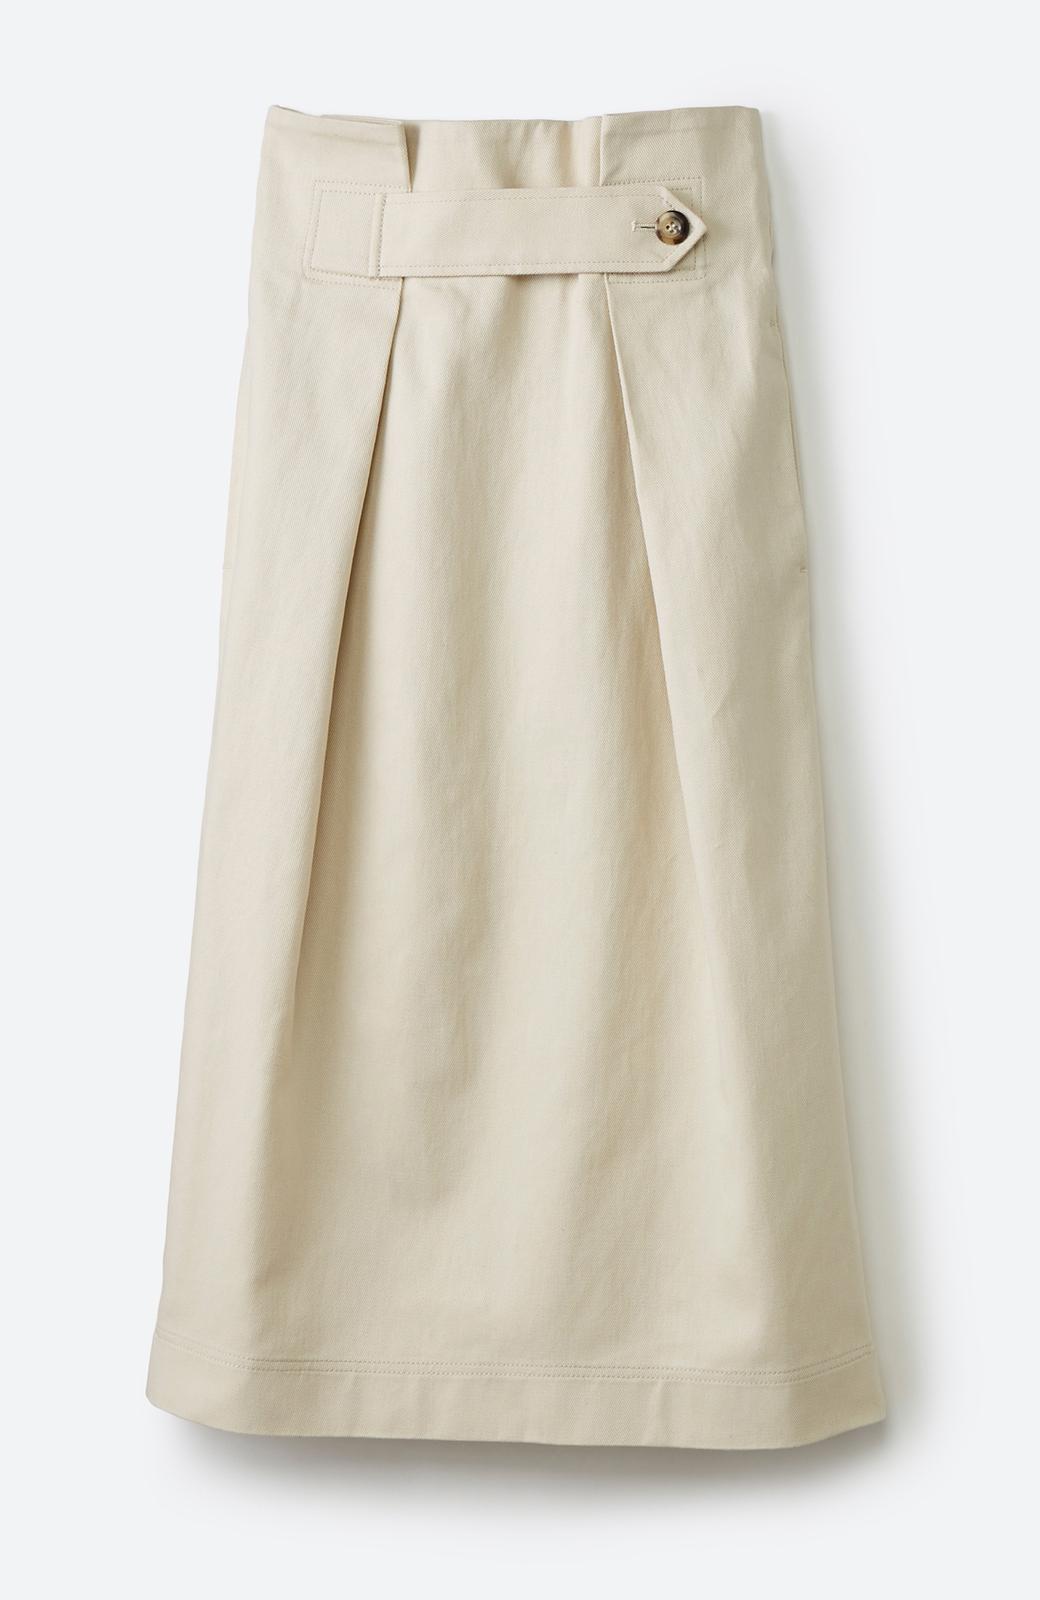 haco! ボタンがポイントのカジュアルにもきれいにもはけるセミタイトスカート <ライトベージュ>の商品写真2